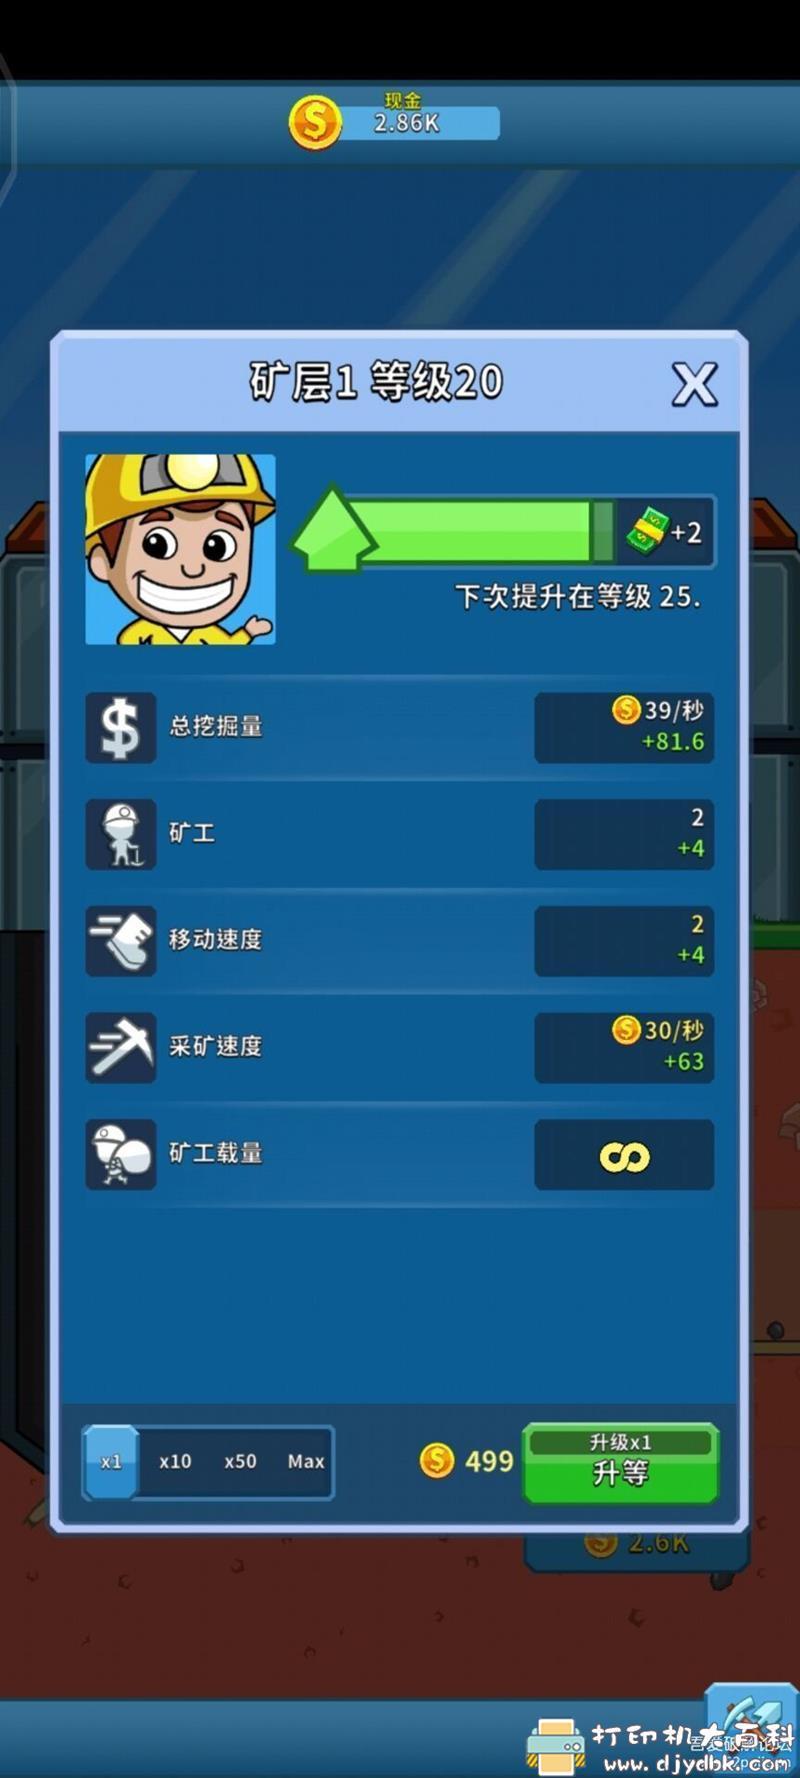 安卓游戏分享:空闲矿工大亨v3.41.1 MOD版,金币无限增加 配图 No.3